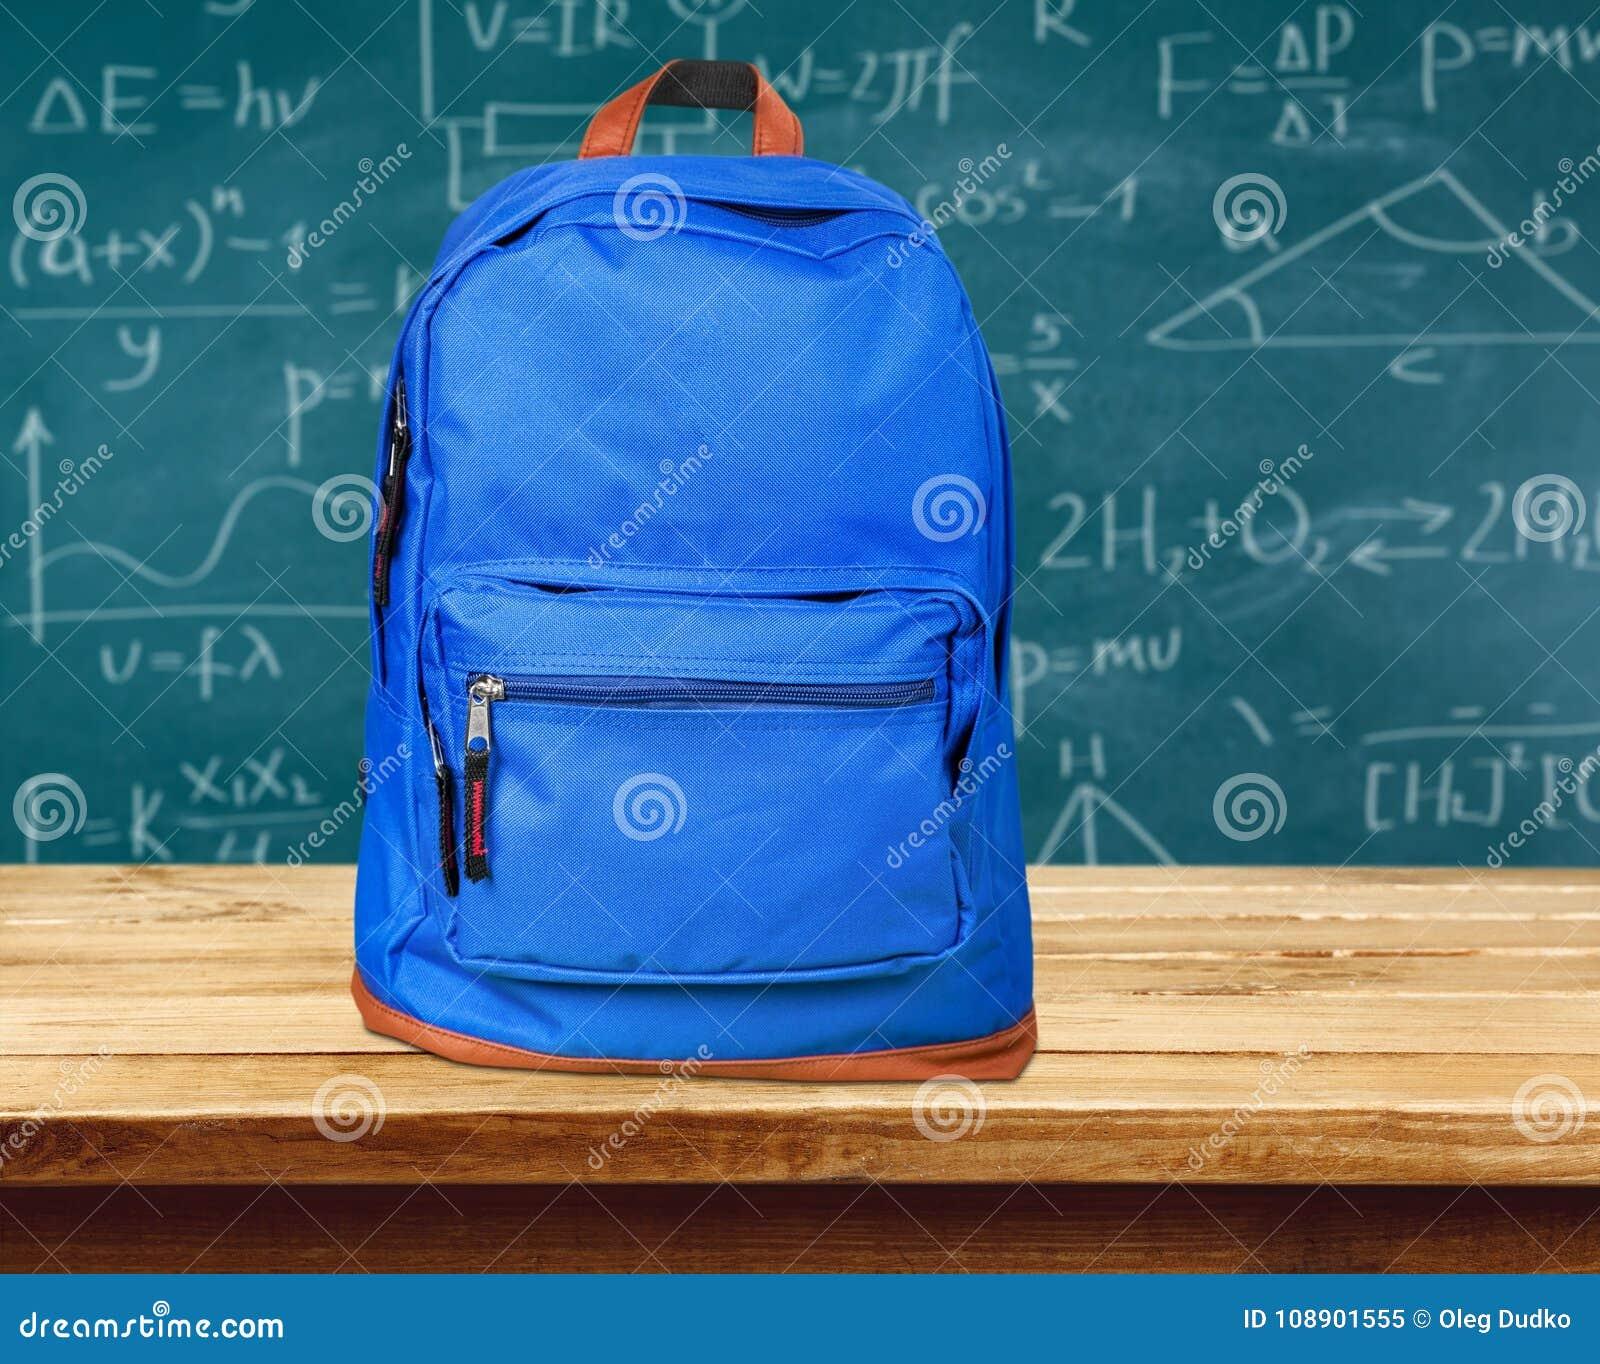 4b448438b9 Μπλε λευκό χρώματος σχολικών σακιδίων πλάτης πακέτων πίσω. Περισσότερες  παρόμοιες στοκ εικόνες